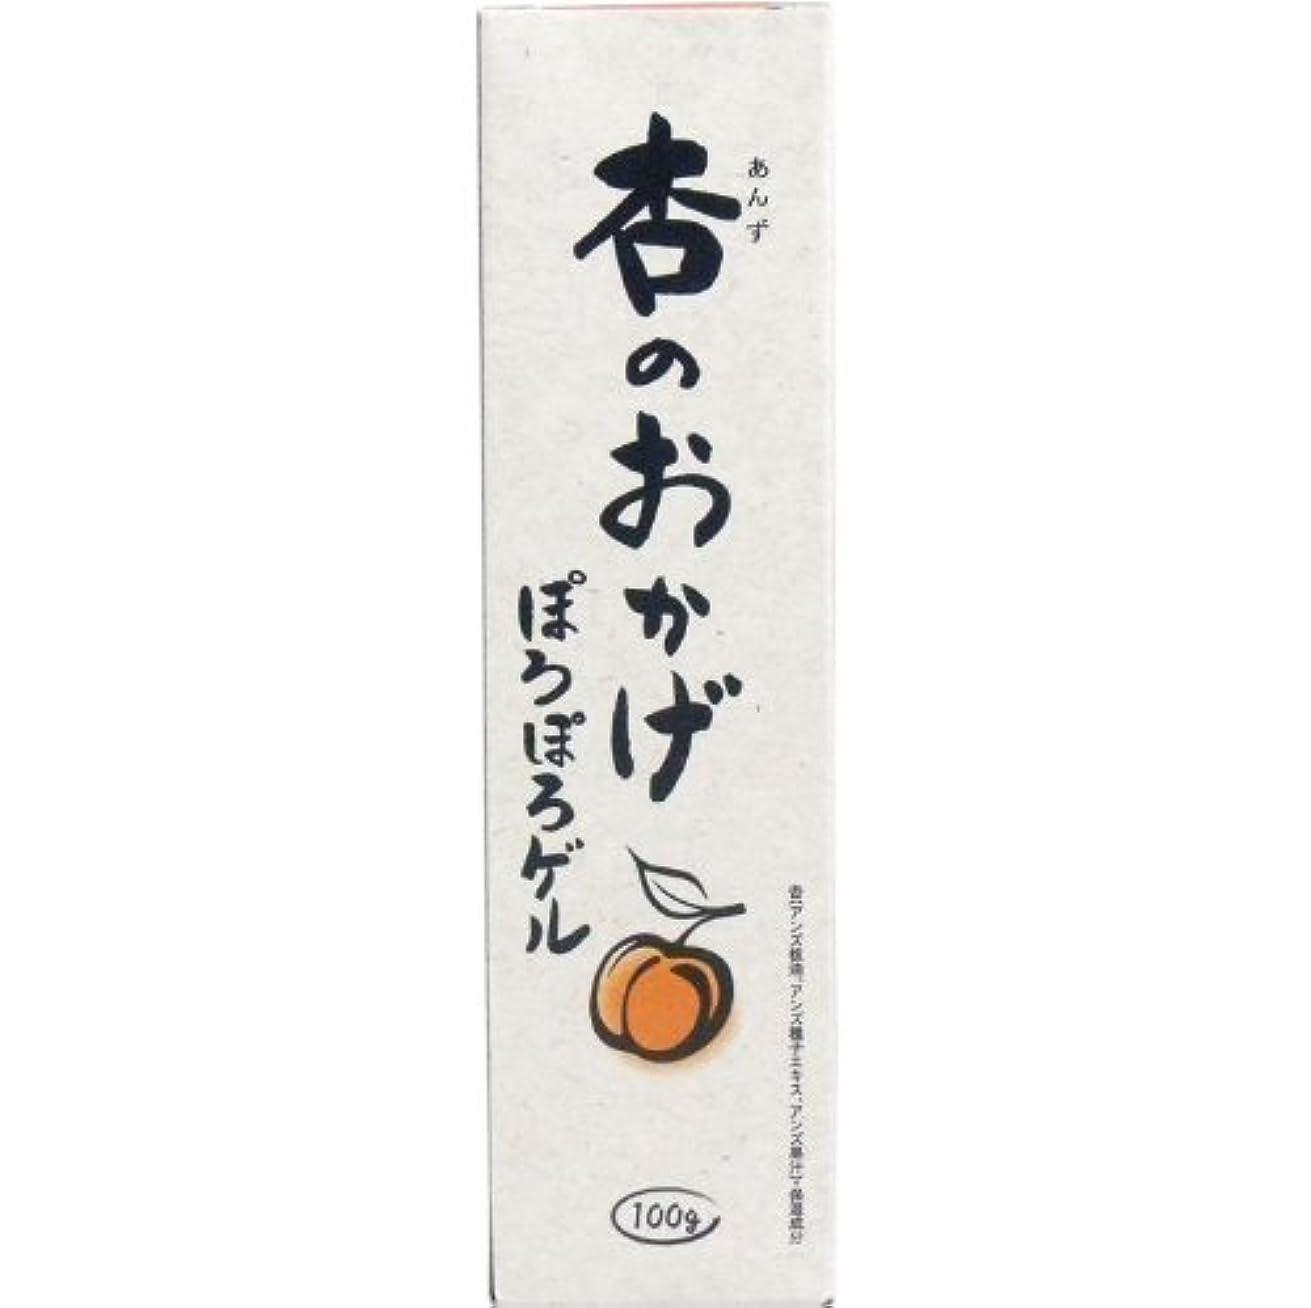 杏のおかげ ぽろぽろゲル 100g【2個セット】